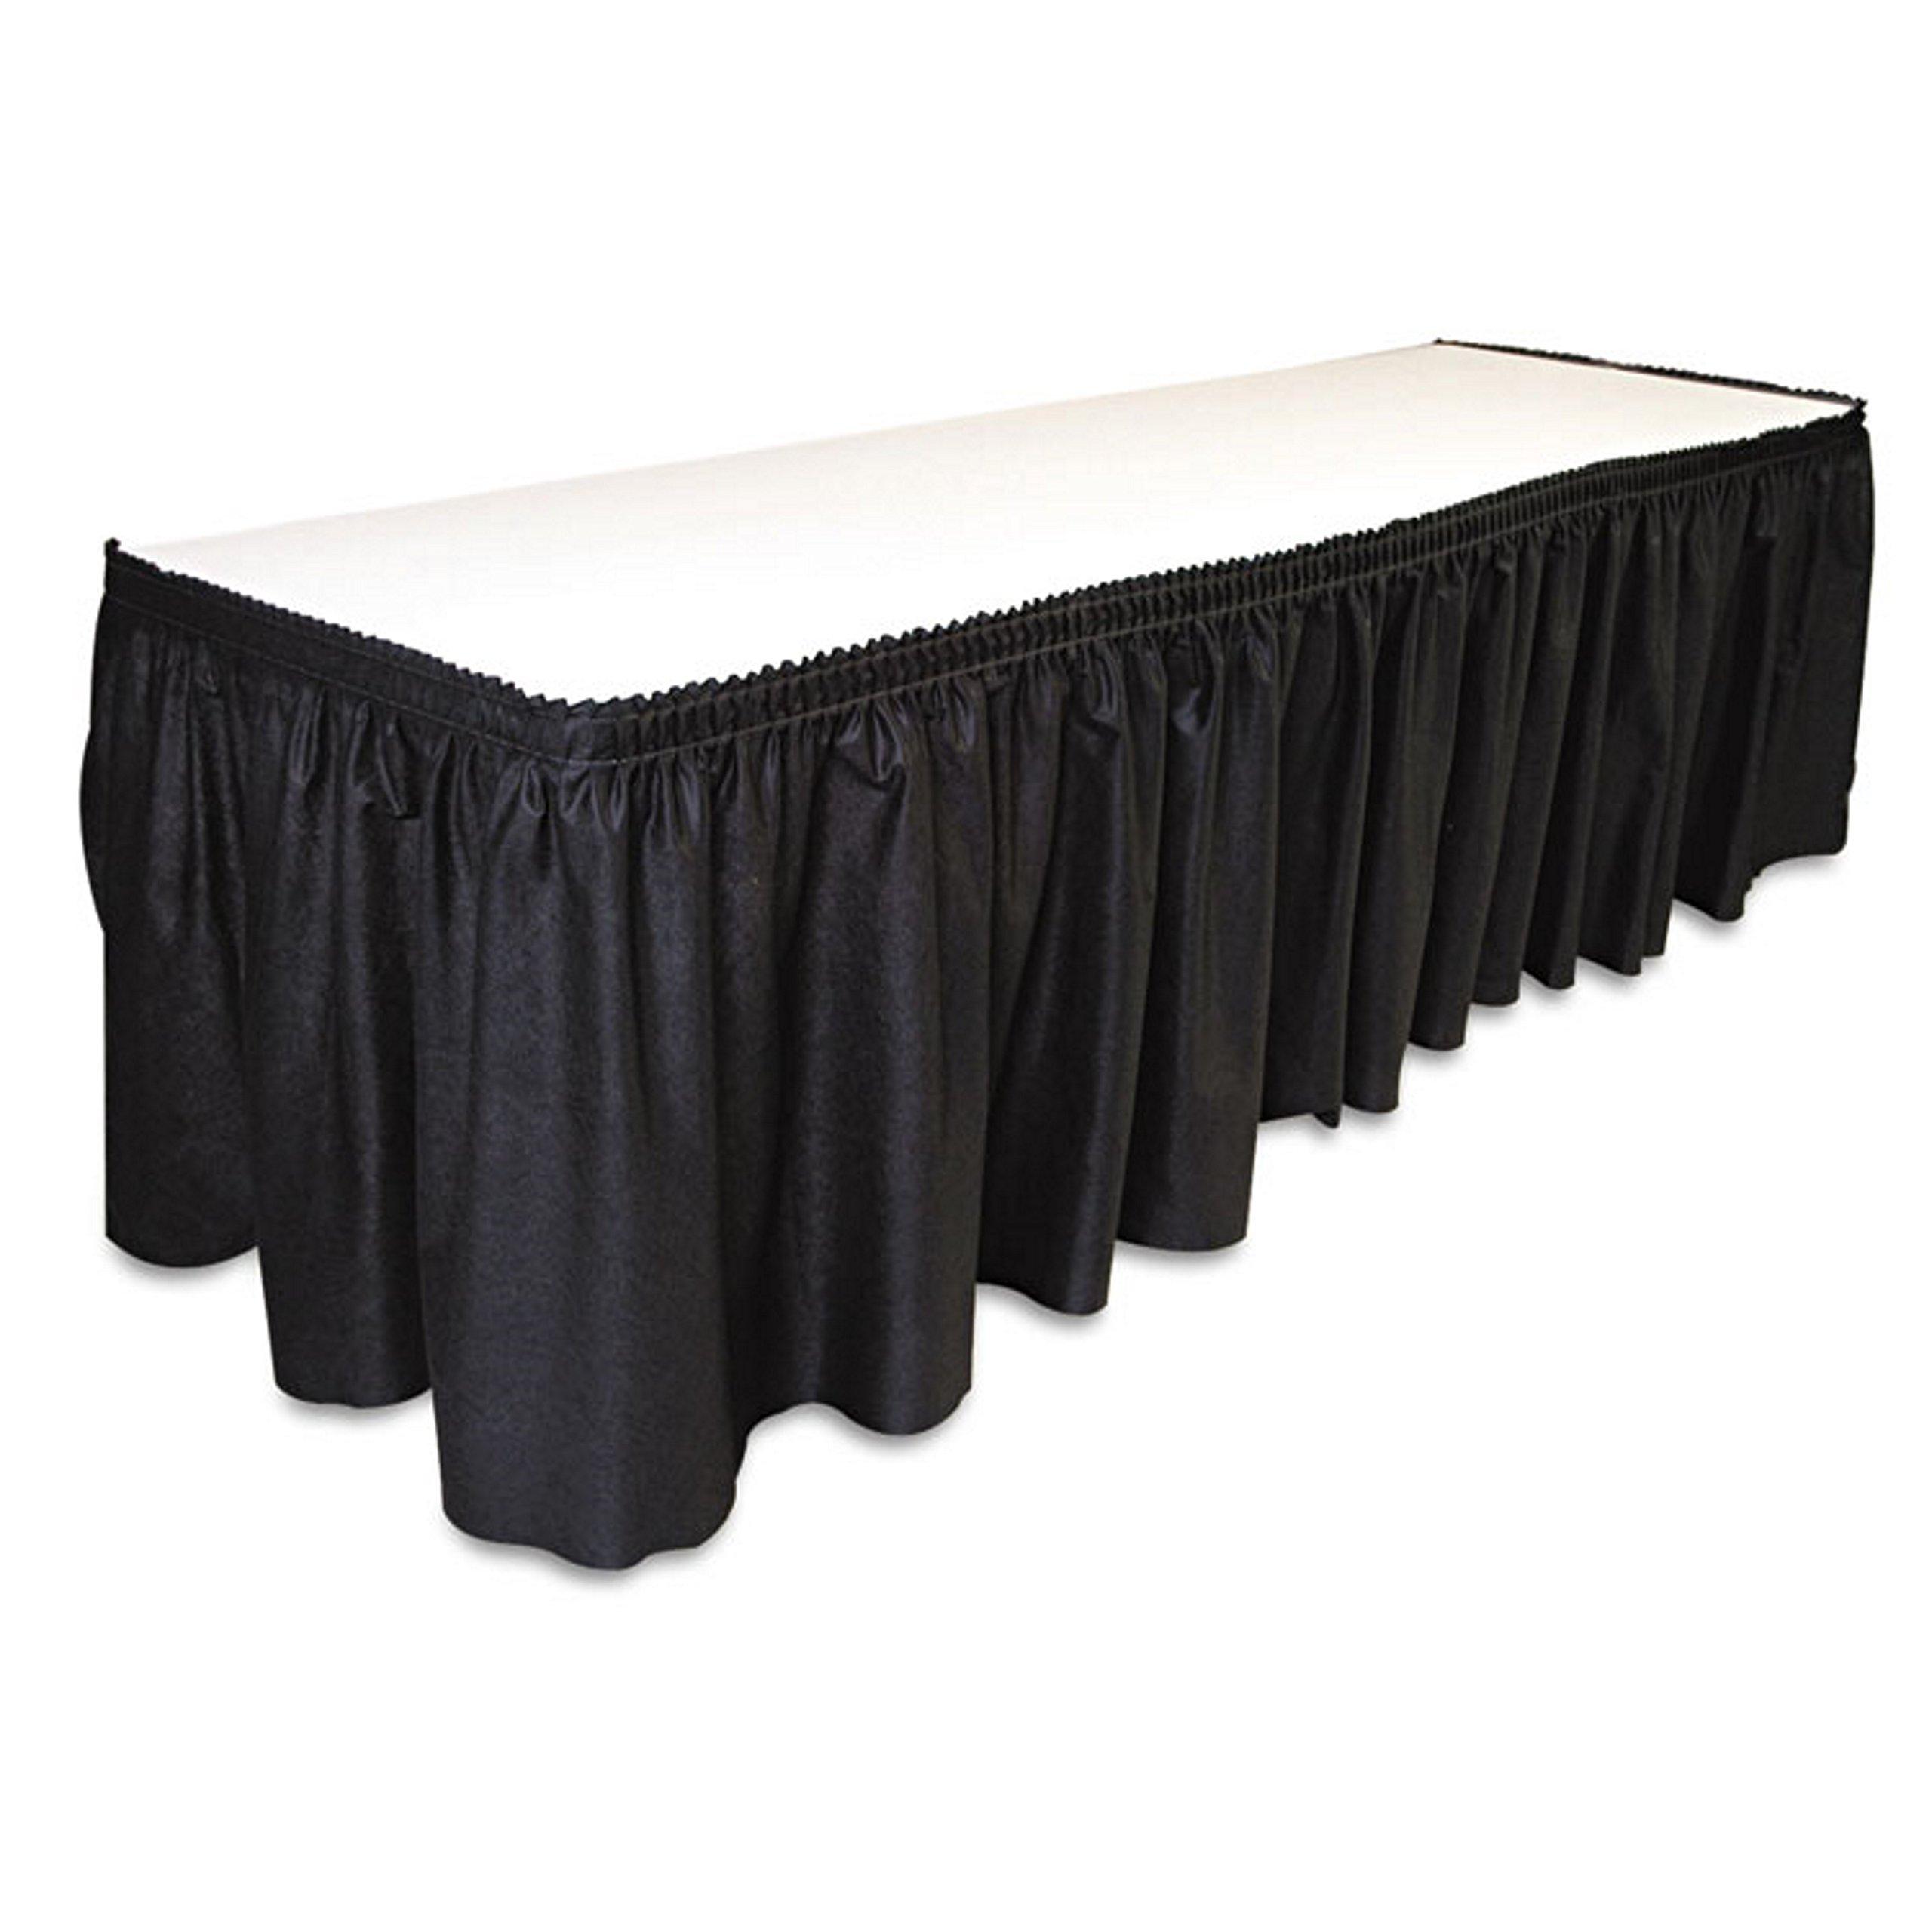 14' x 29''-Black Linen Like Soft Table Skirt Non Woven-Polyester/Nylon Blend - 1 case by Linen Soft